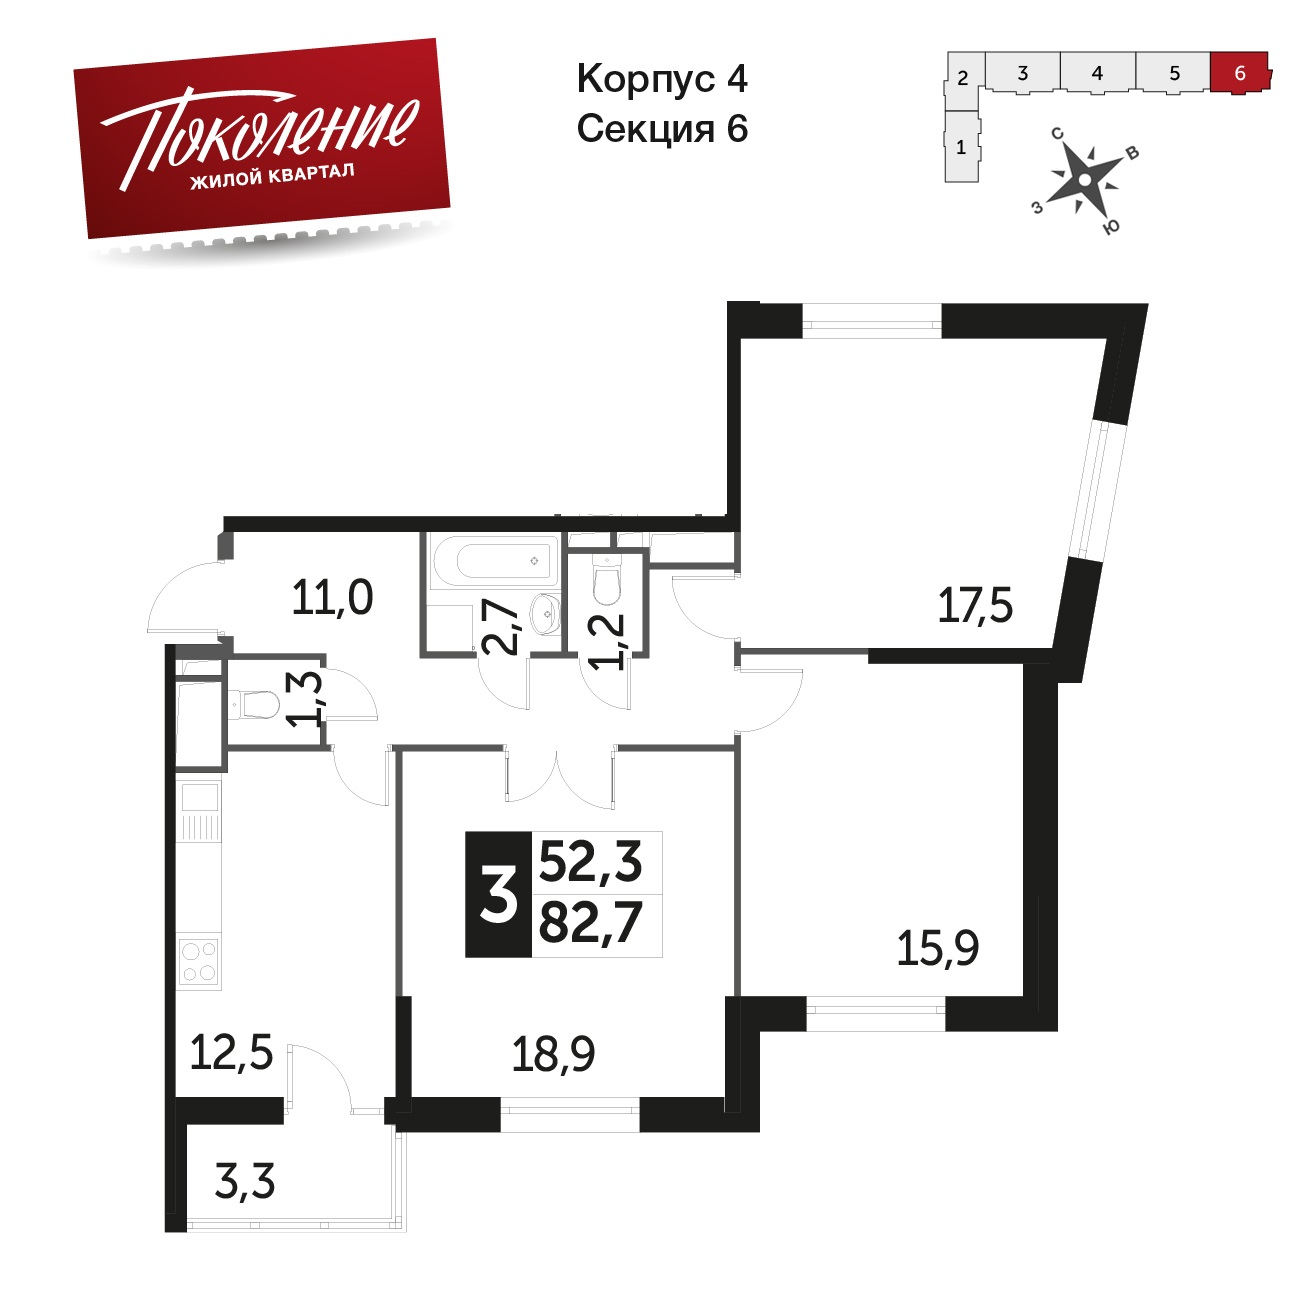 3-комнатная квартира, 82.7м² за 13,6 млн руб.